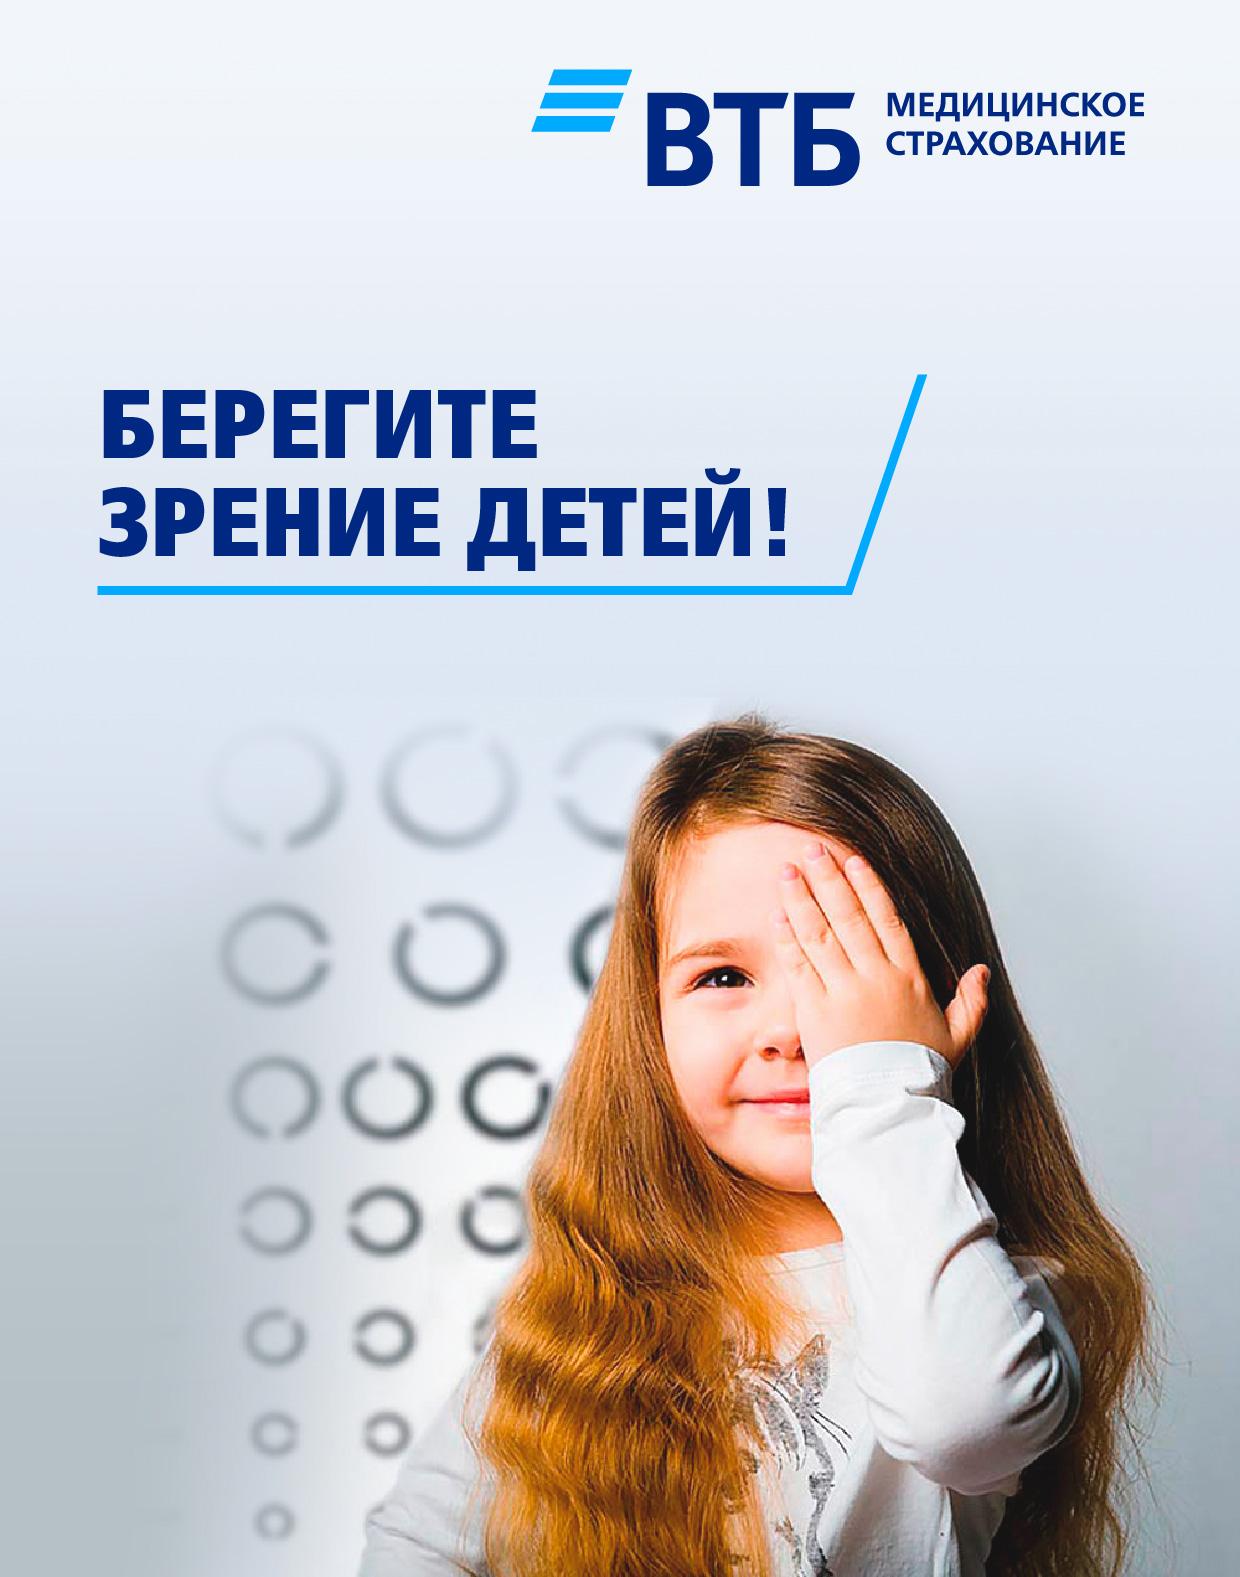 Берегите зрение детей!